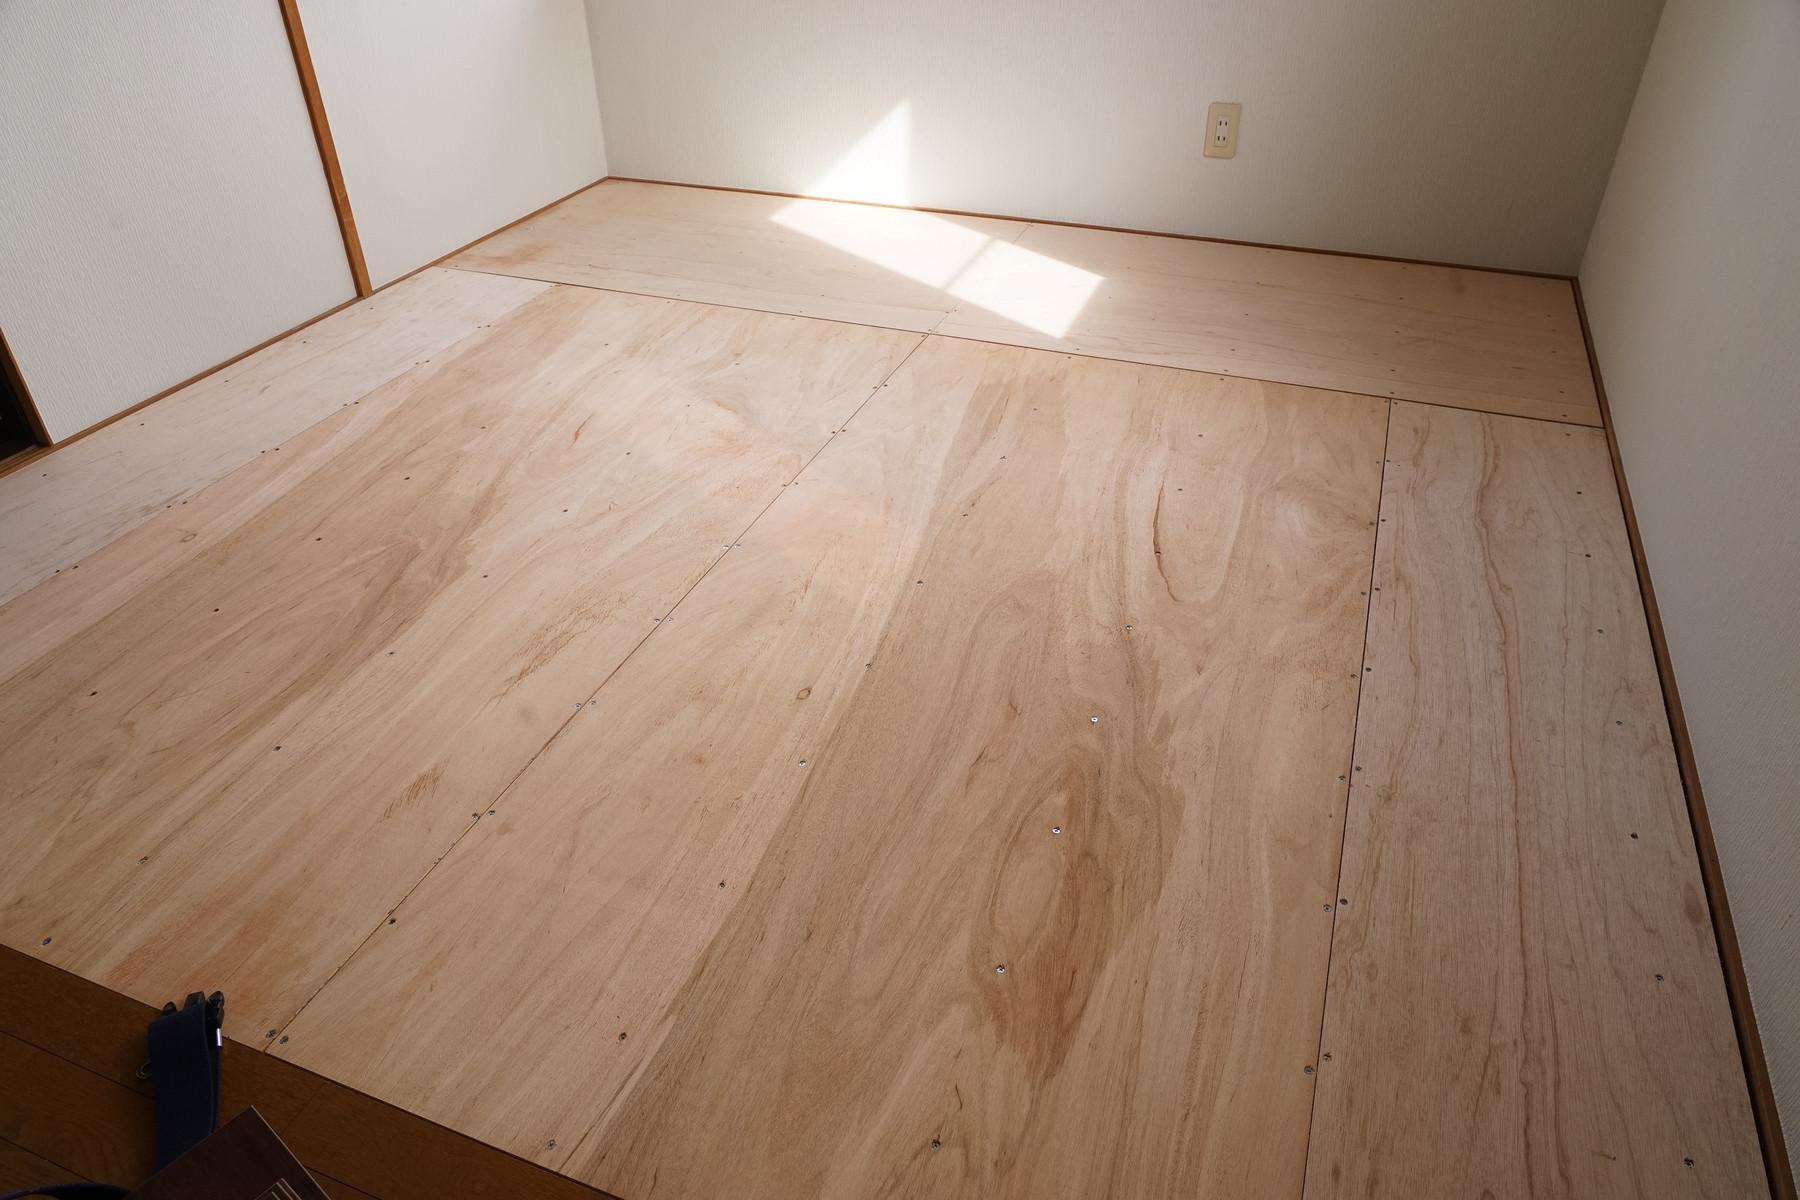 3 階和室の壁紙貼り替え と 畳をフロアタイルに貼り替えました 3 趣味の 写真 Diy オーディオ 日記